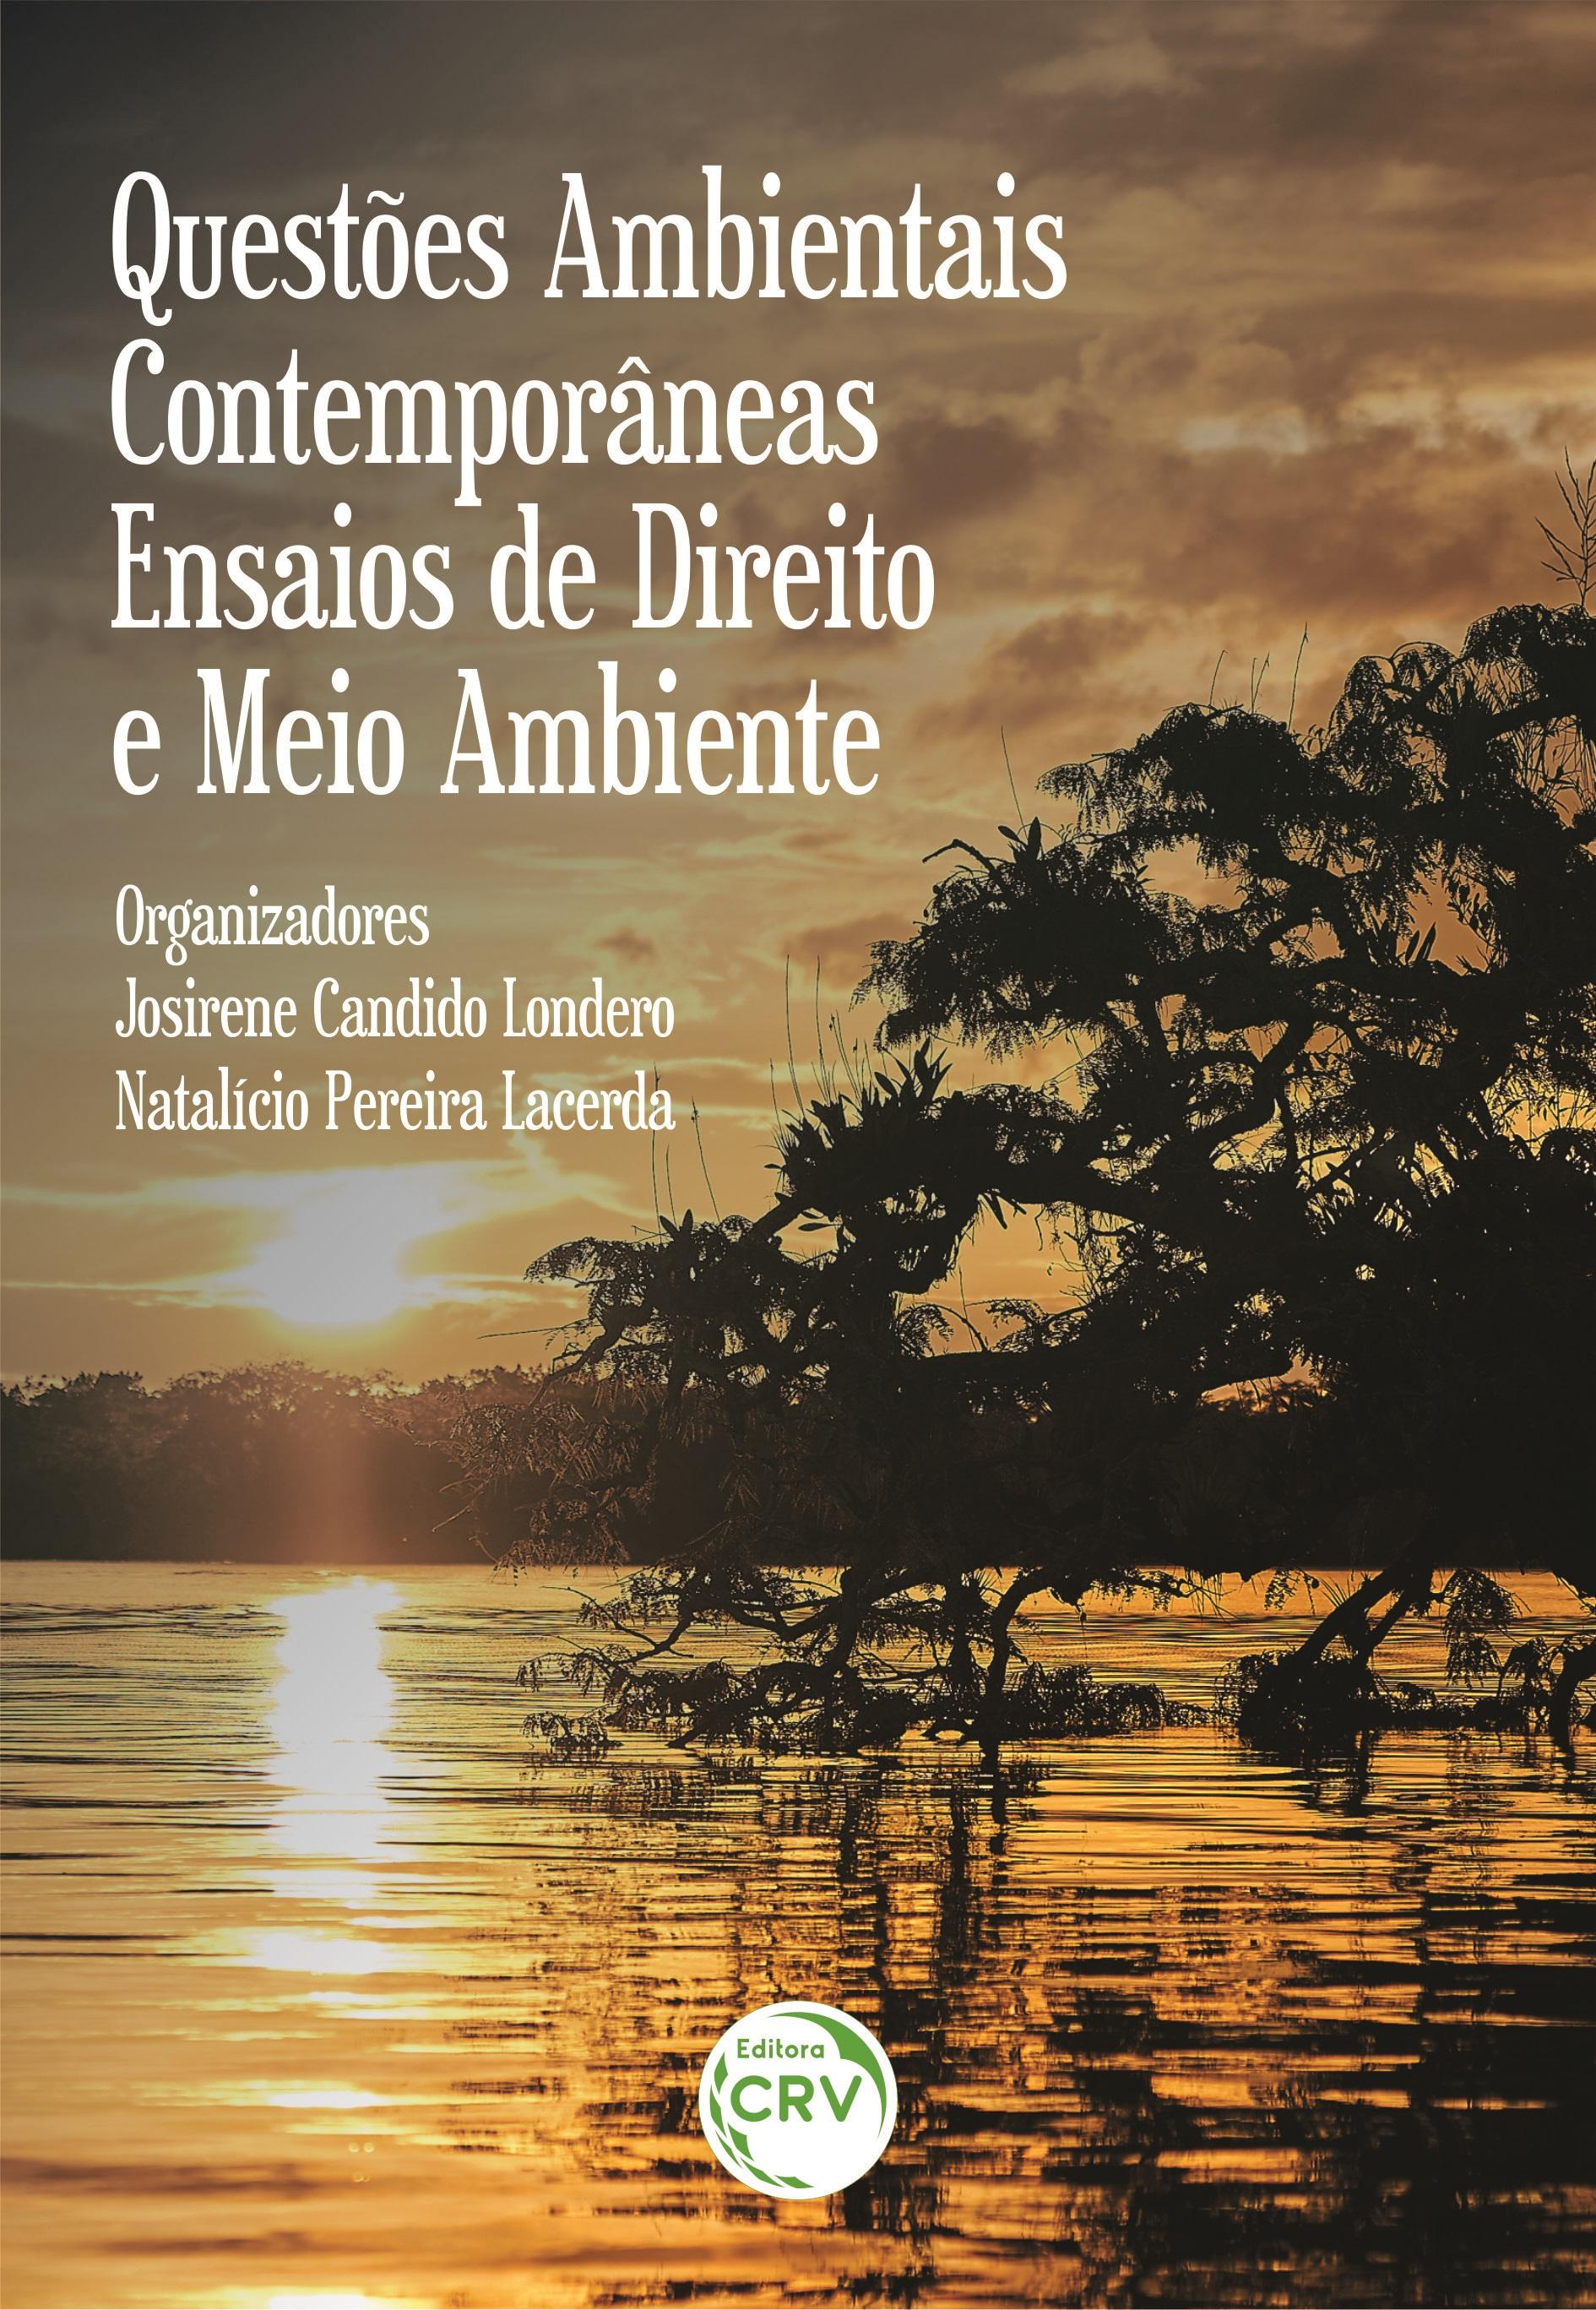 Capa do livro: QUESTÕES AMBIENTAIS CONTEMPORÂNEAS: <br>ensaios de direito e meio ambiente